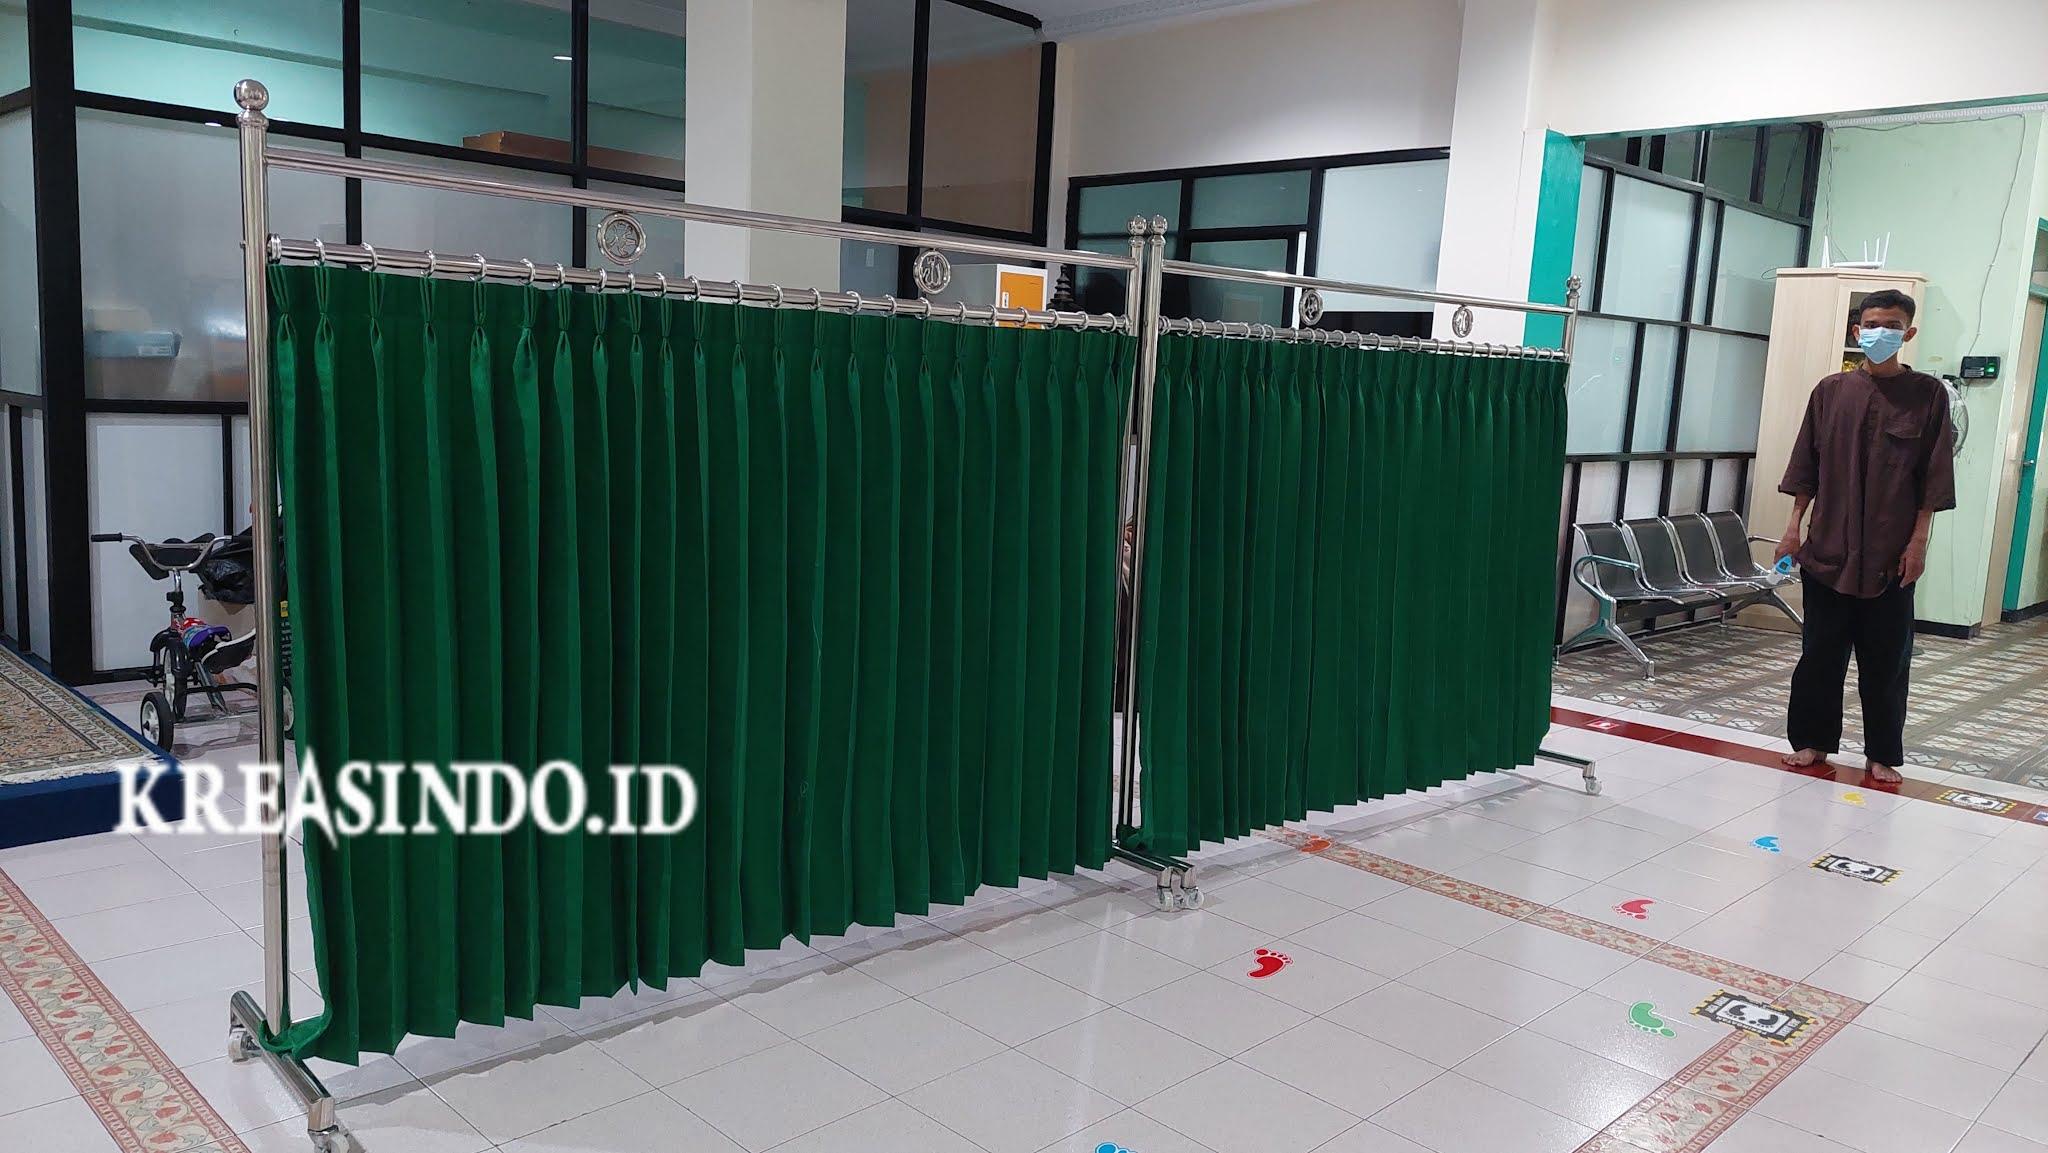 Repeat Order Keempat Hijab Masjid Stainless Pesanan Hanifah Islamic School Pamulang Tangsel